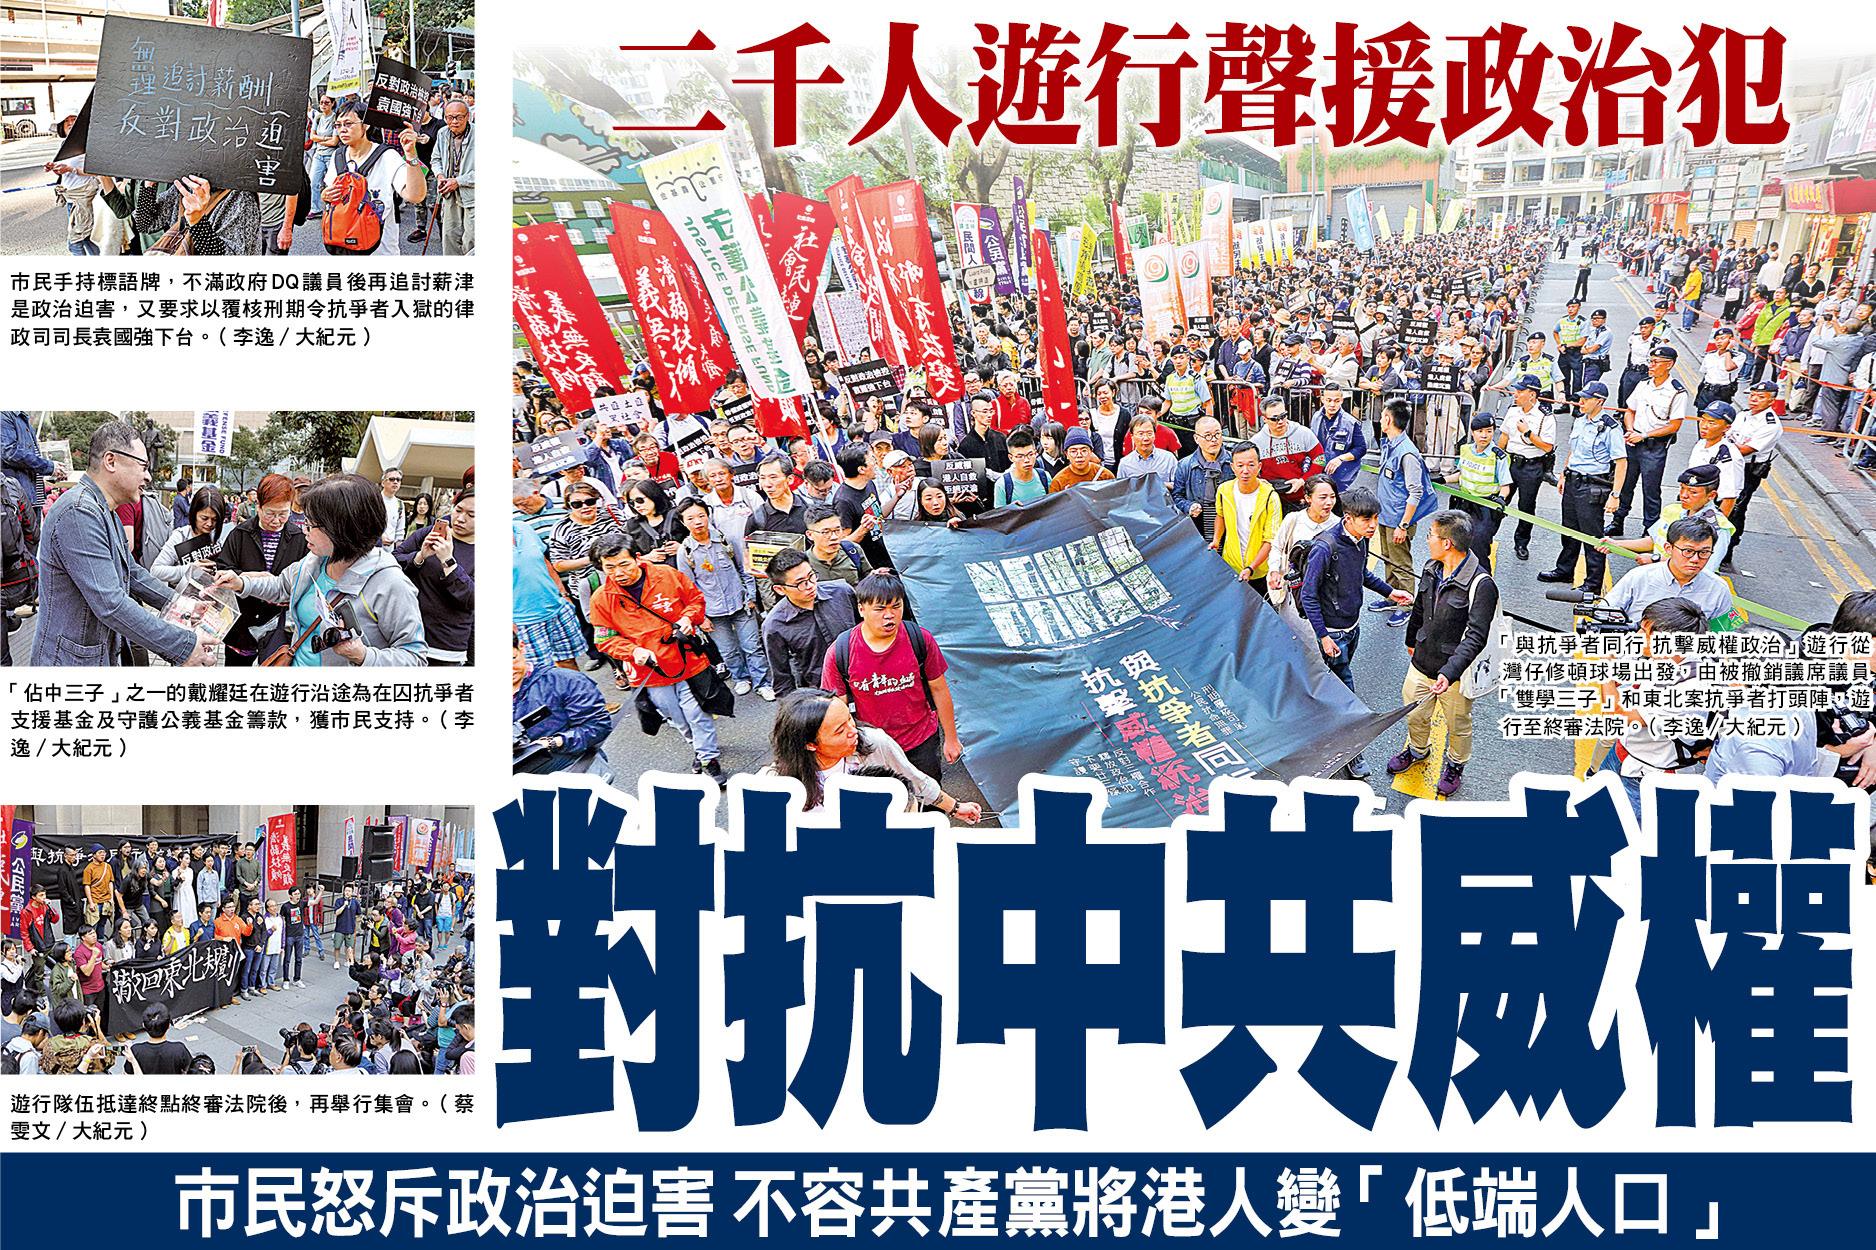 二千人遊行聲援政治犯  對抗中共威權